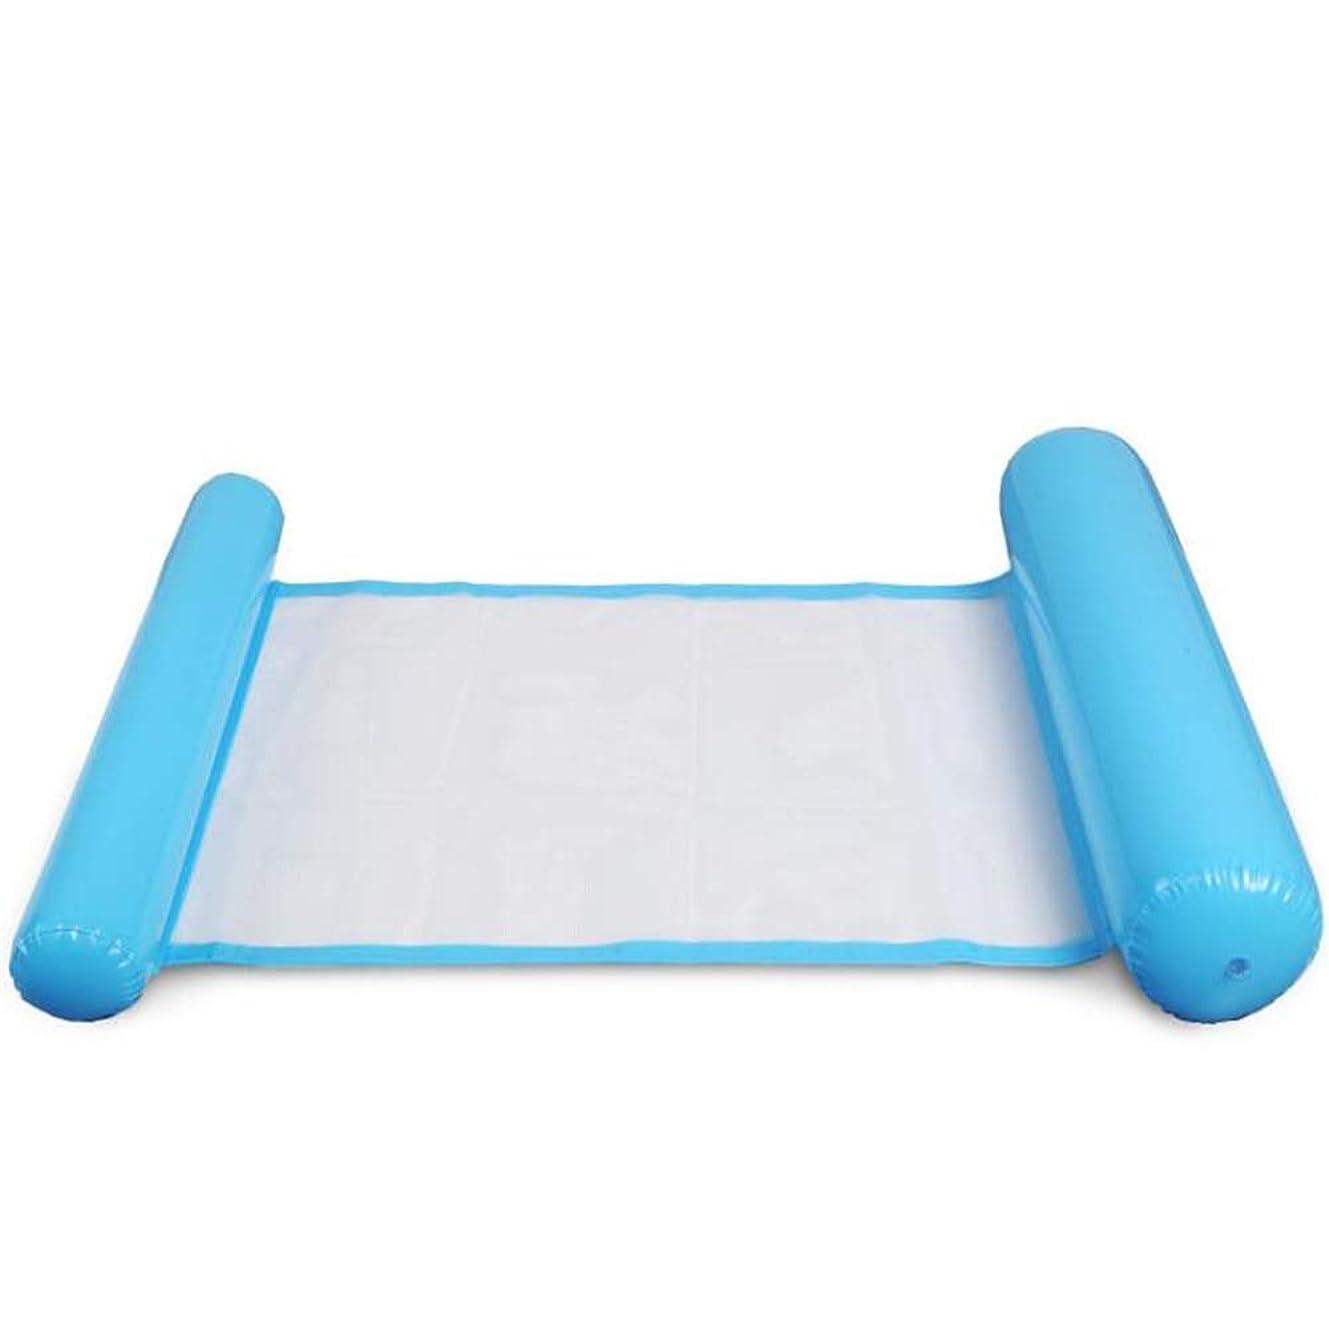 パーセント用語集成功2ピース多目的インフレータブルプールフロート、ポータブルフロートチェア4イン1デザイン、プールスリングウォーターラウンジ環境に優しいpvc素材,blue